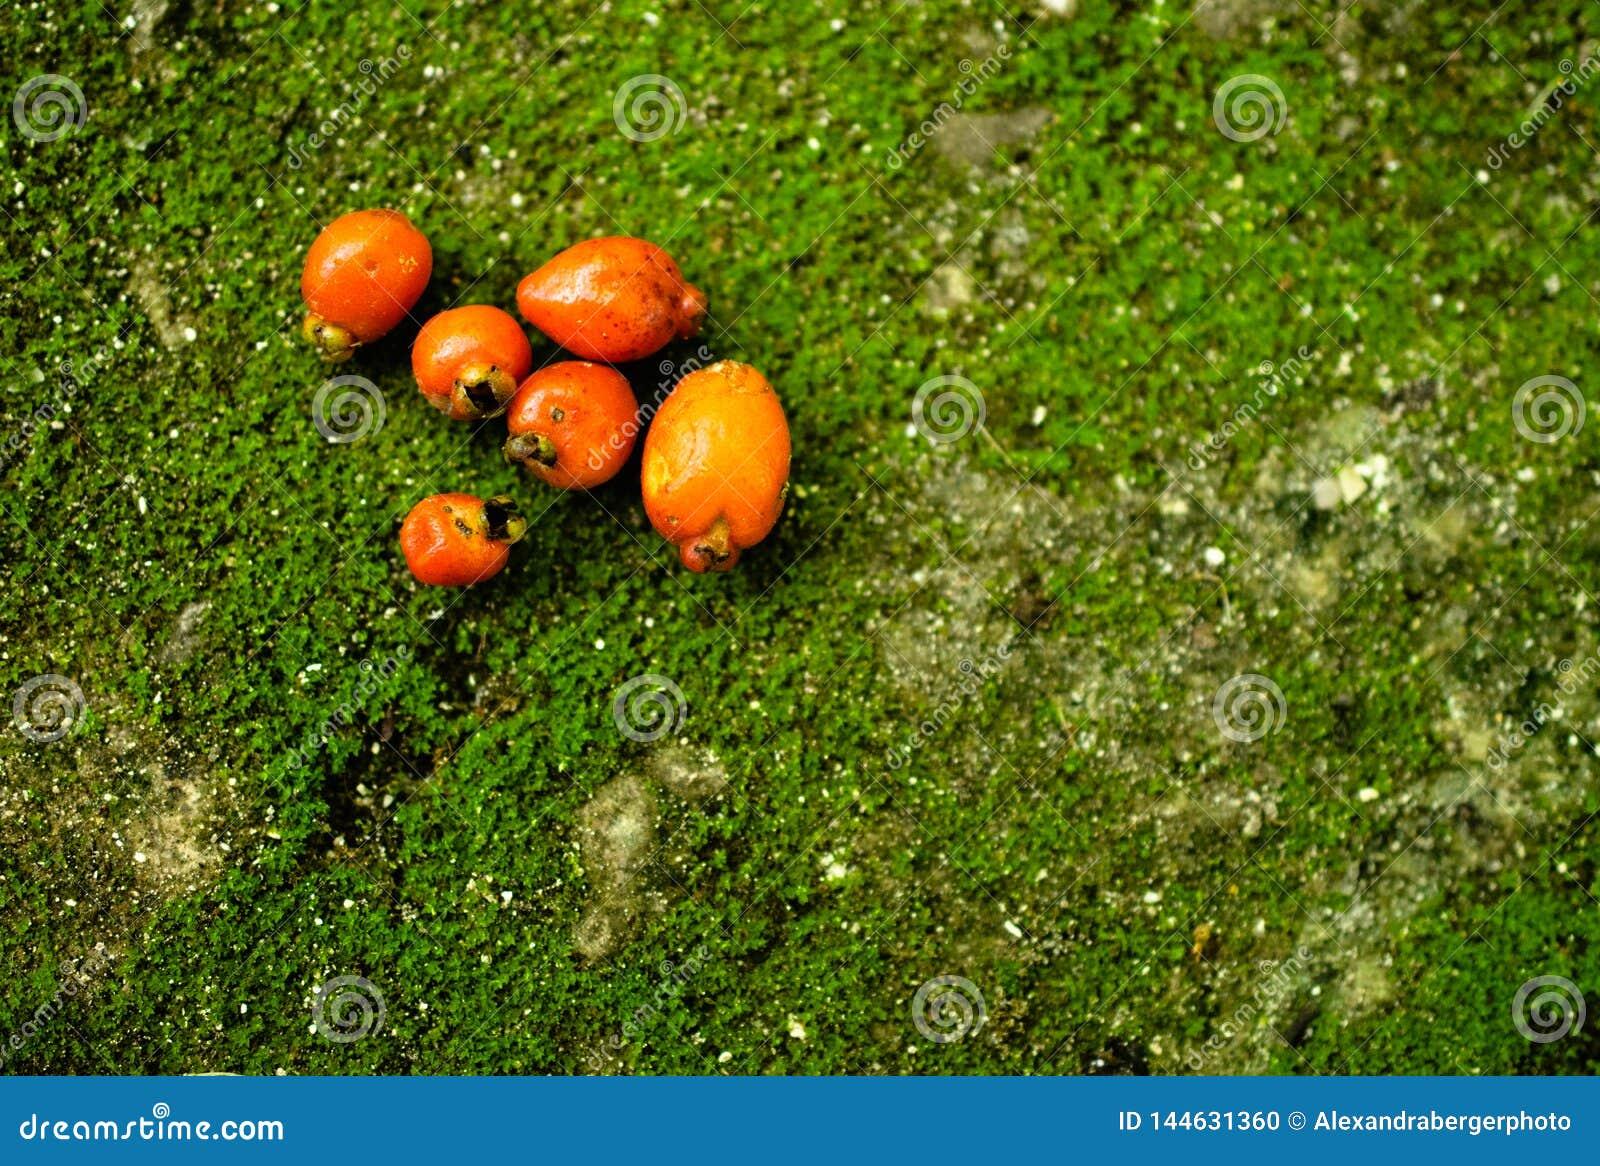 Pomarańczowe owoc na zielonym tle z mech